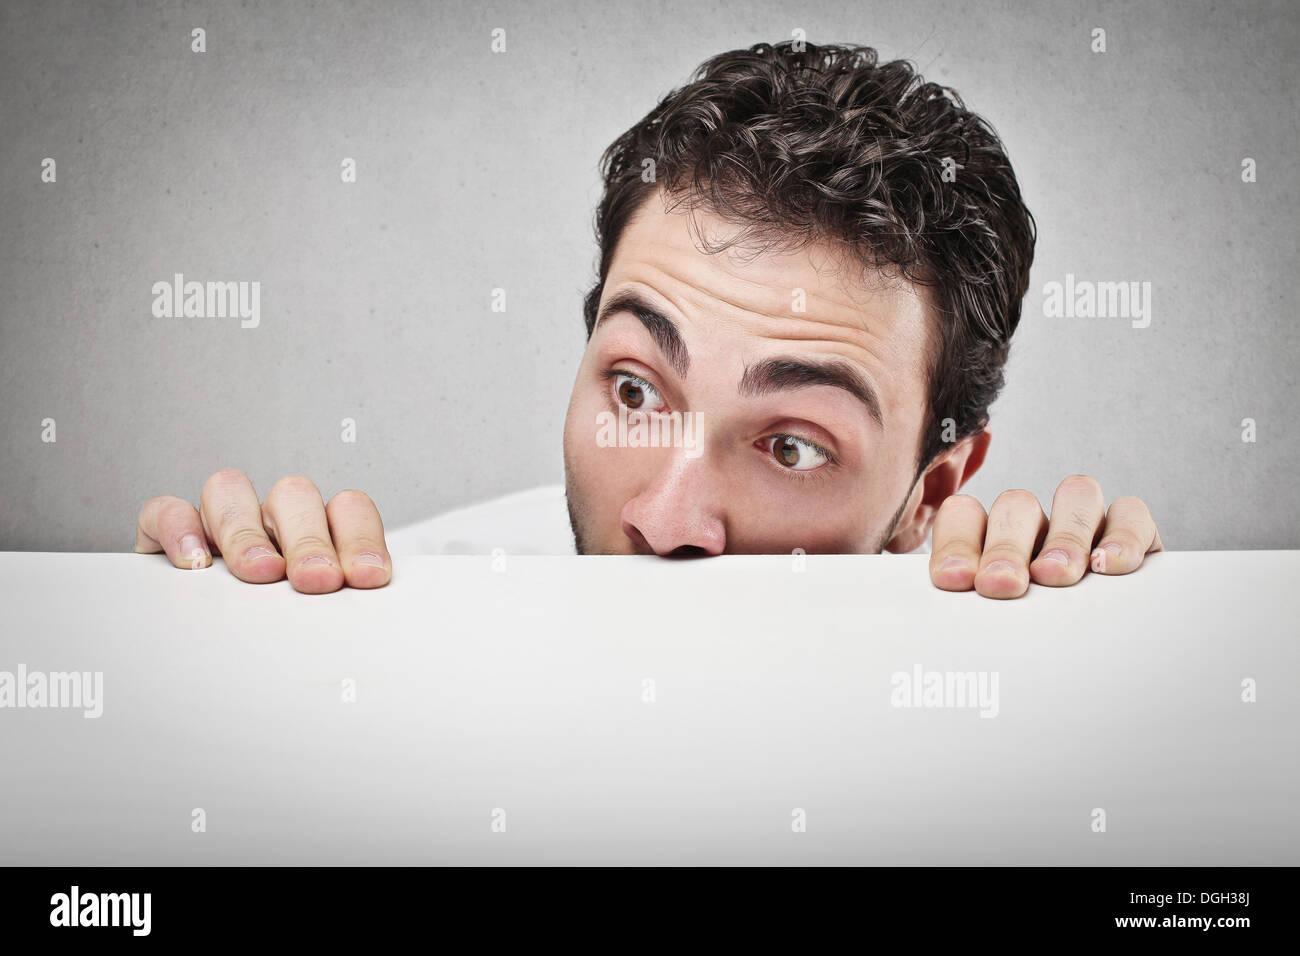 Stupito uomo guardare qualcosa su una scrivania bianca Immagini Stock